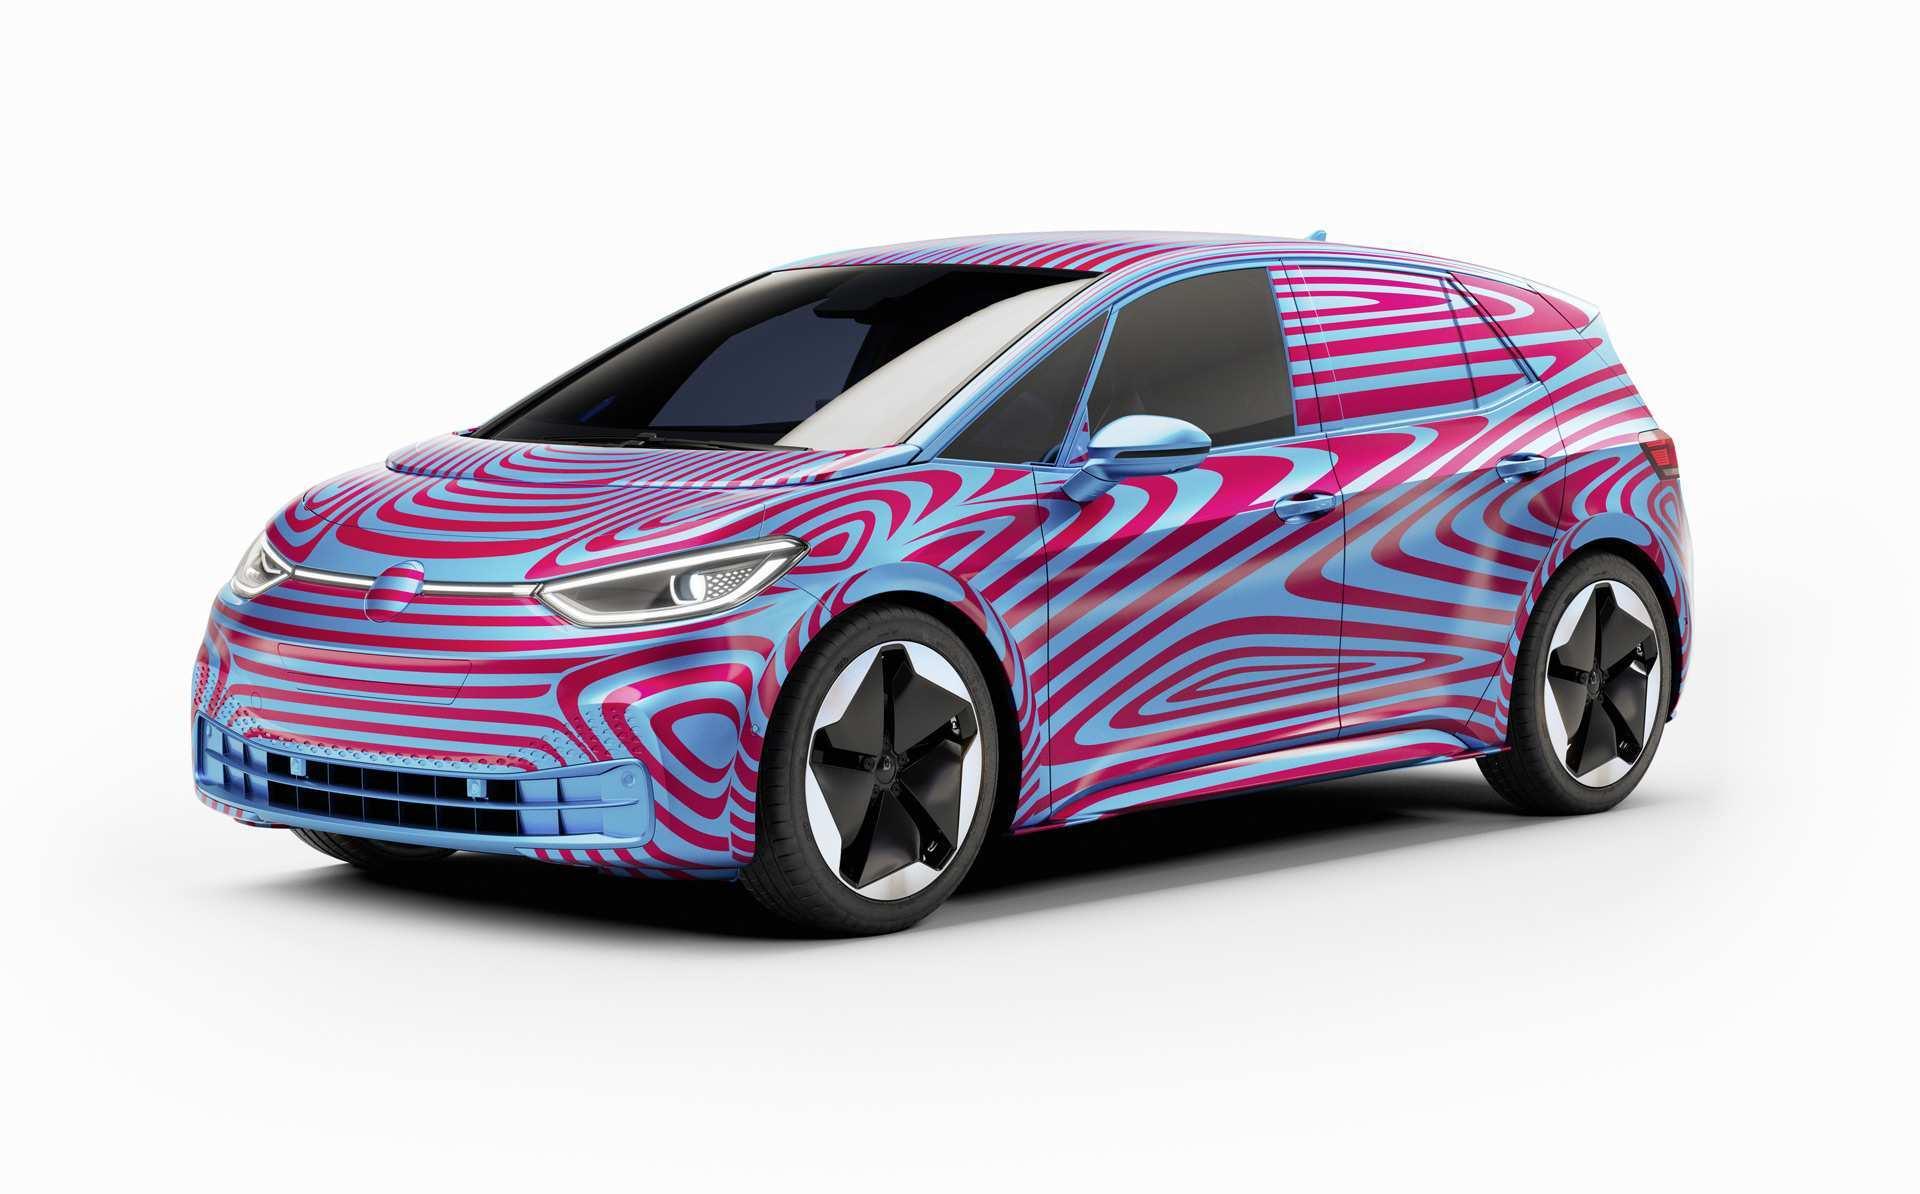 77 Concept of Volkswagen Id 3 2020 Release Date by Volkswagen Id 3 2020